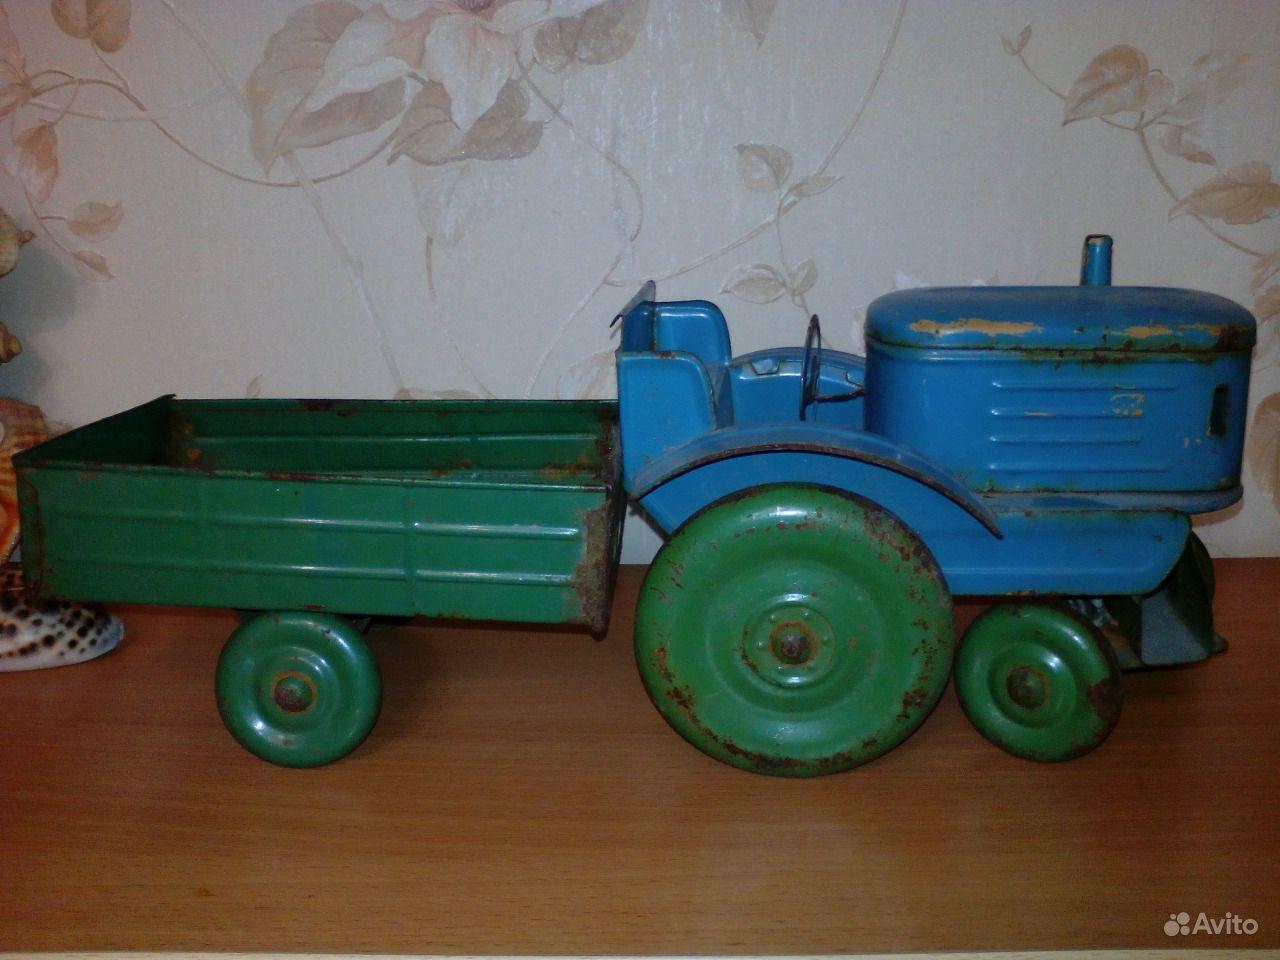 этот трактор с прицепом игрушка ссср фото вас долгую прекрасную